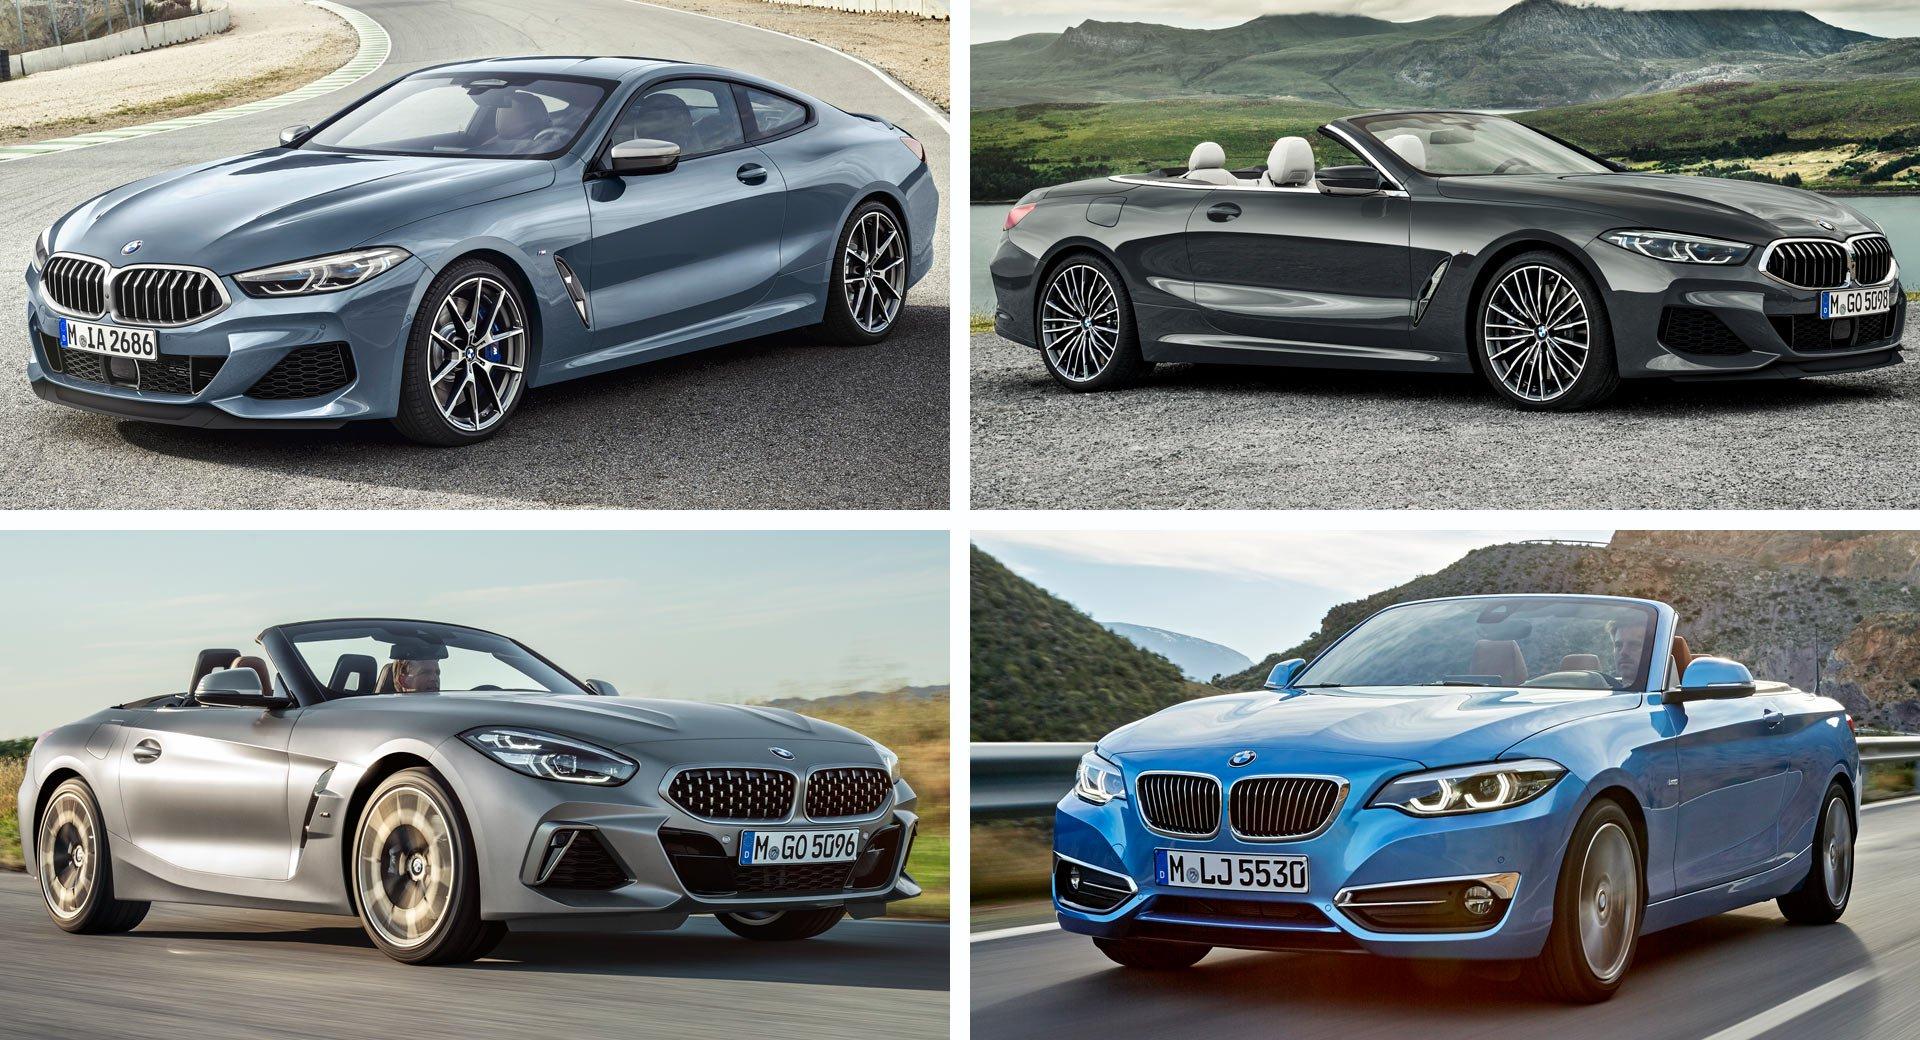 BMW sẽ khai tử hàng loạt mẫu xe hot để cắt giảm chi phí